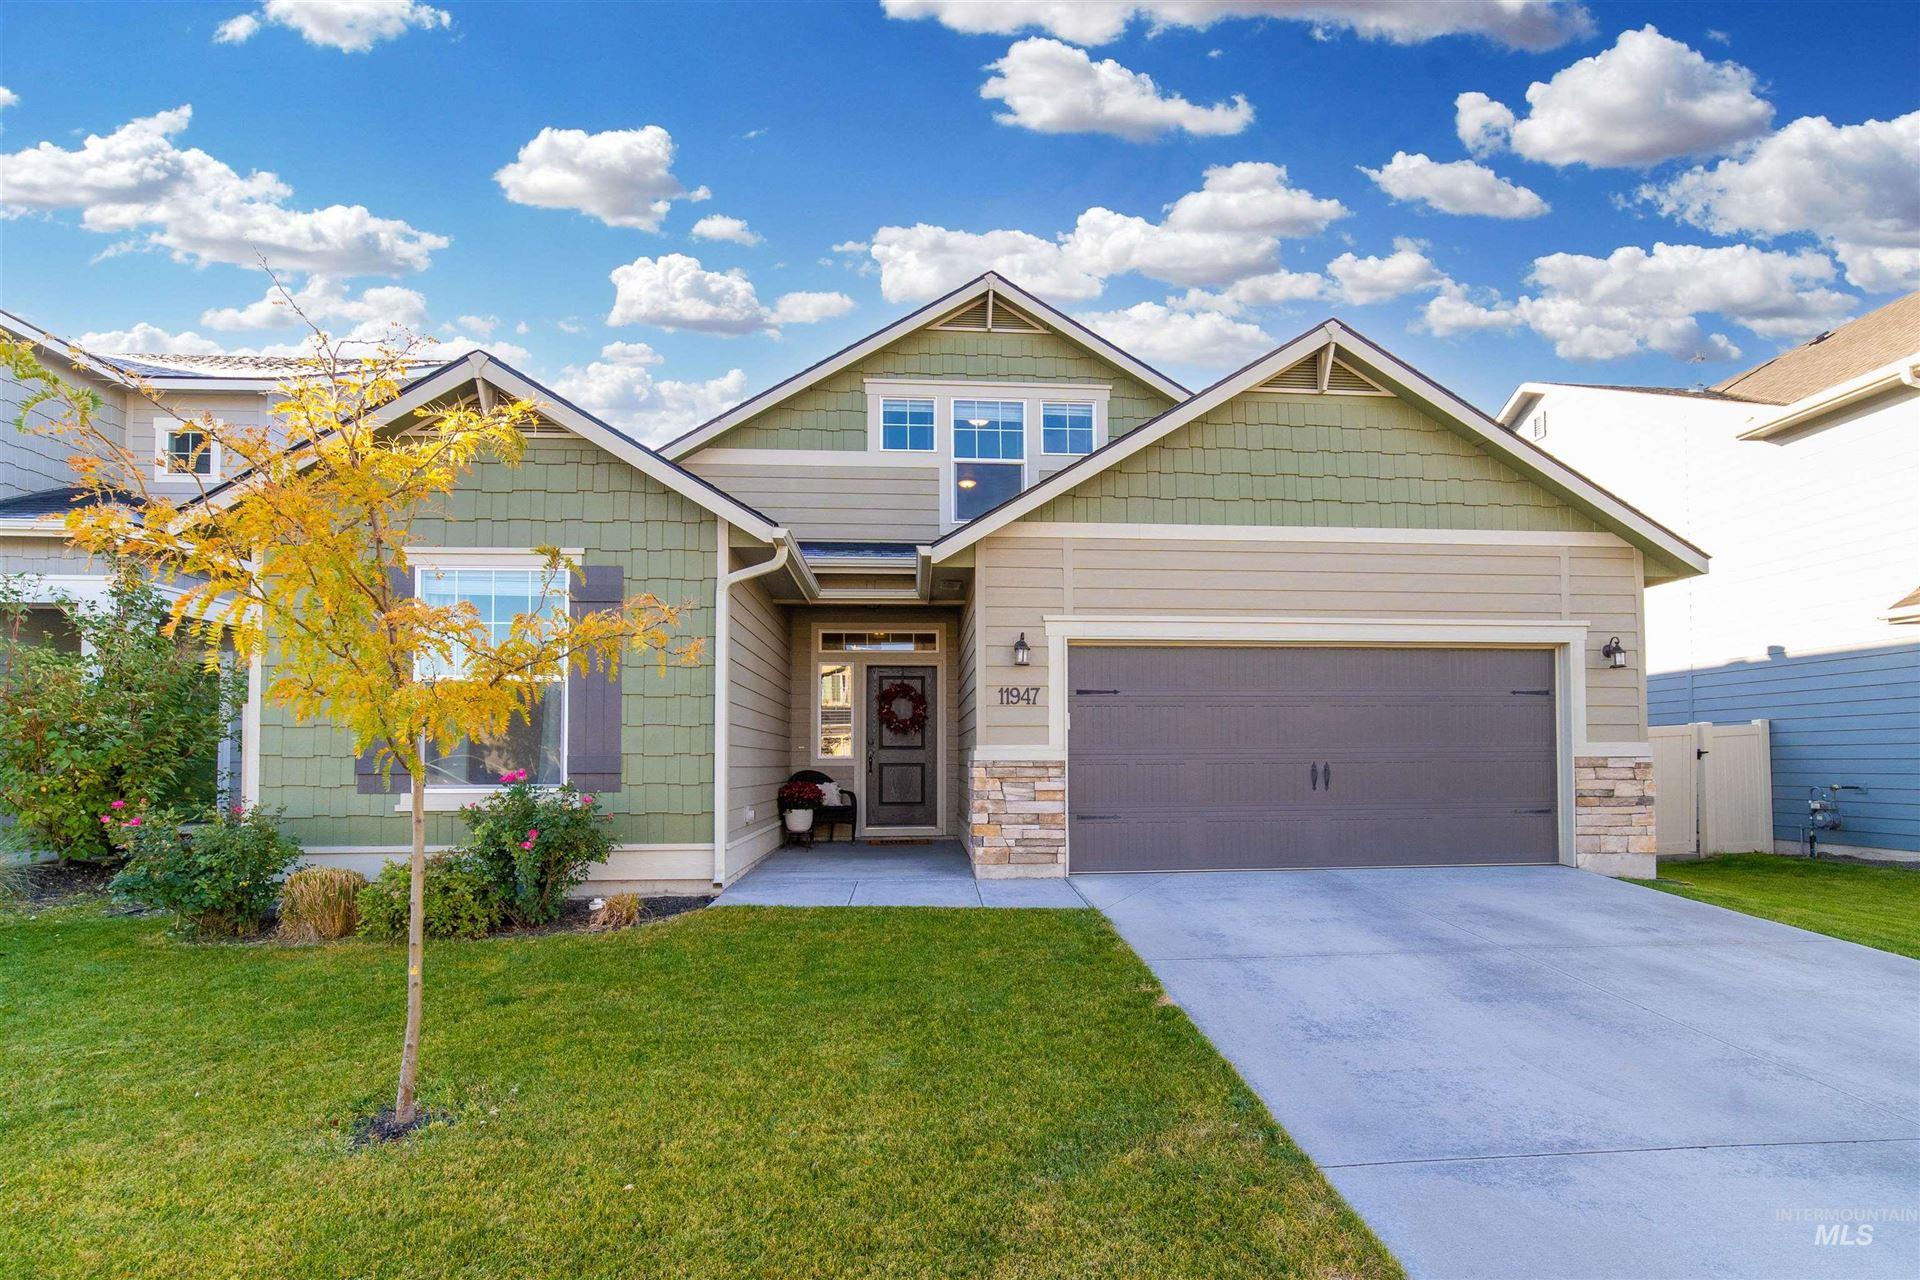 11947 W Abram St., Boise, ID 83713 - MLS#: 98822472